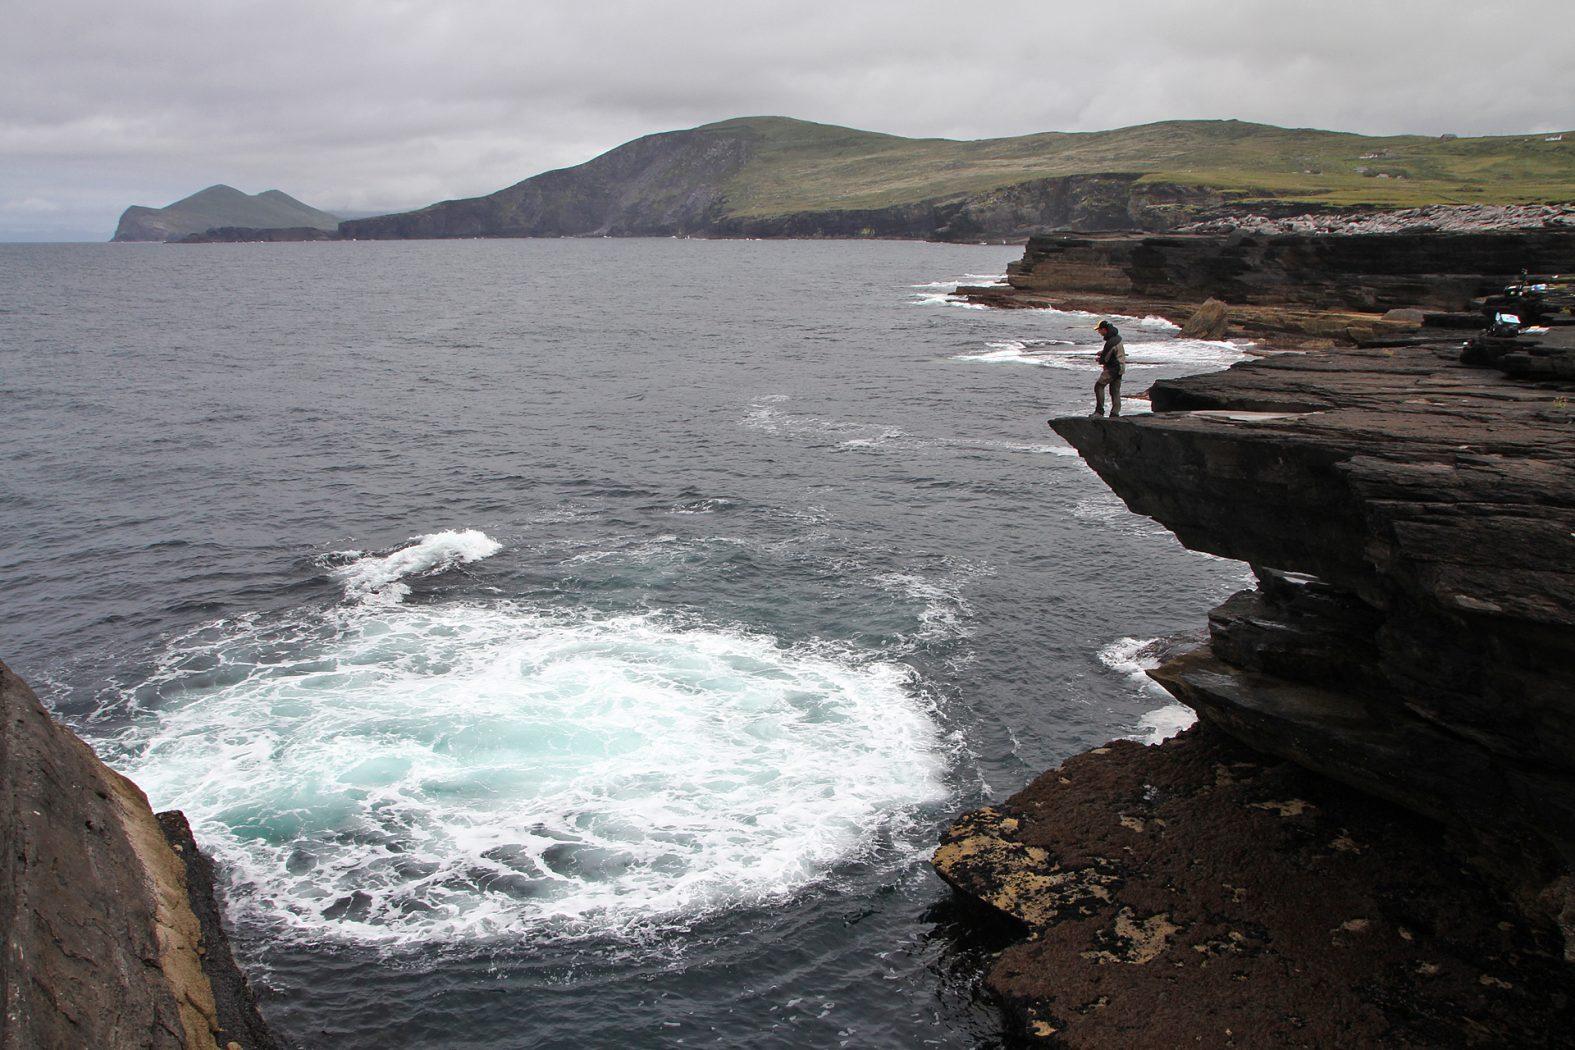 Meeresangeln in Irland auf Valentia Island